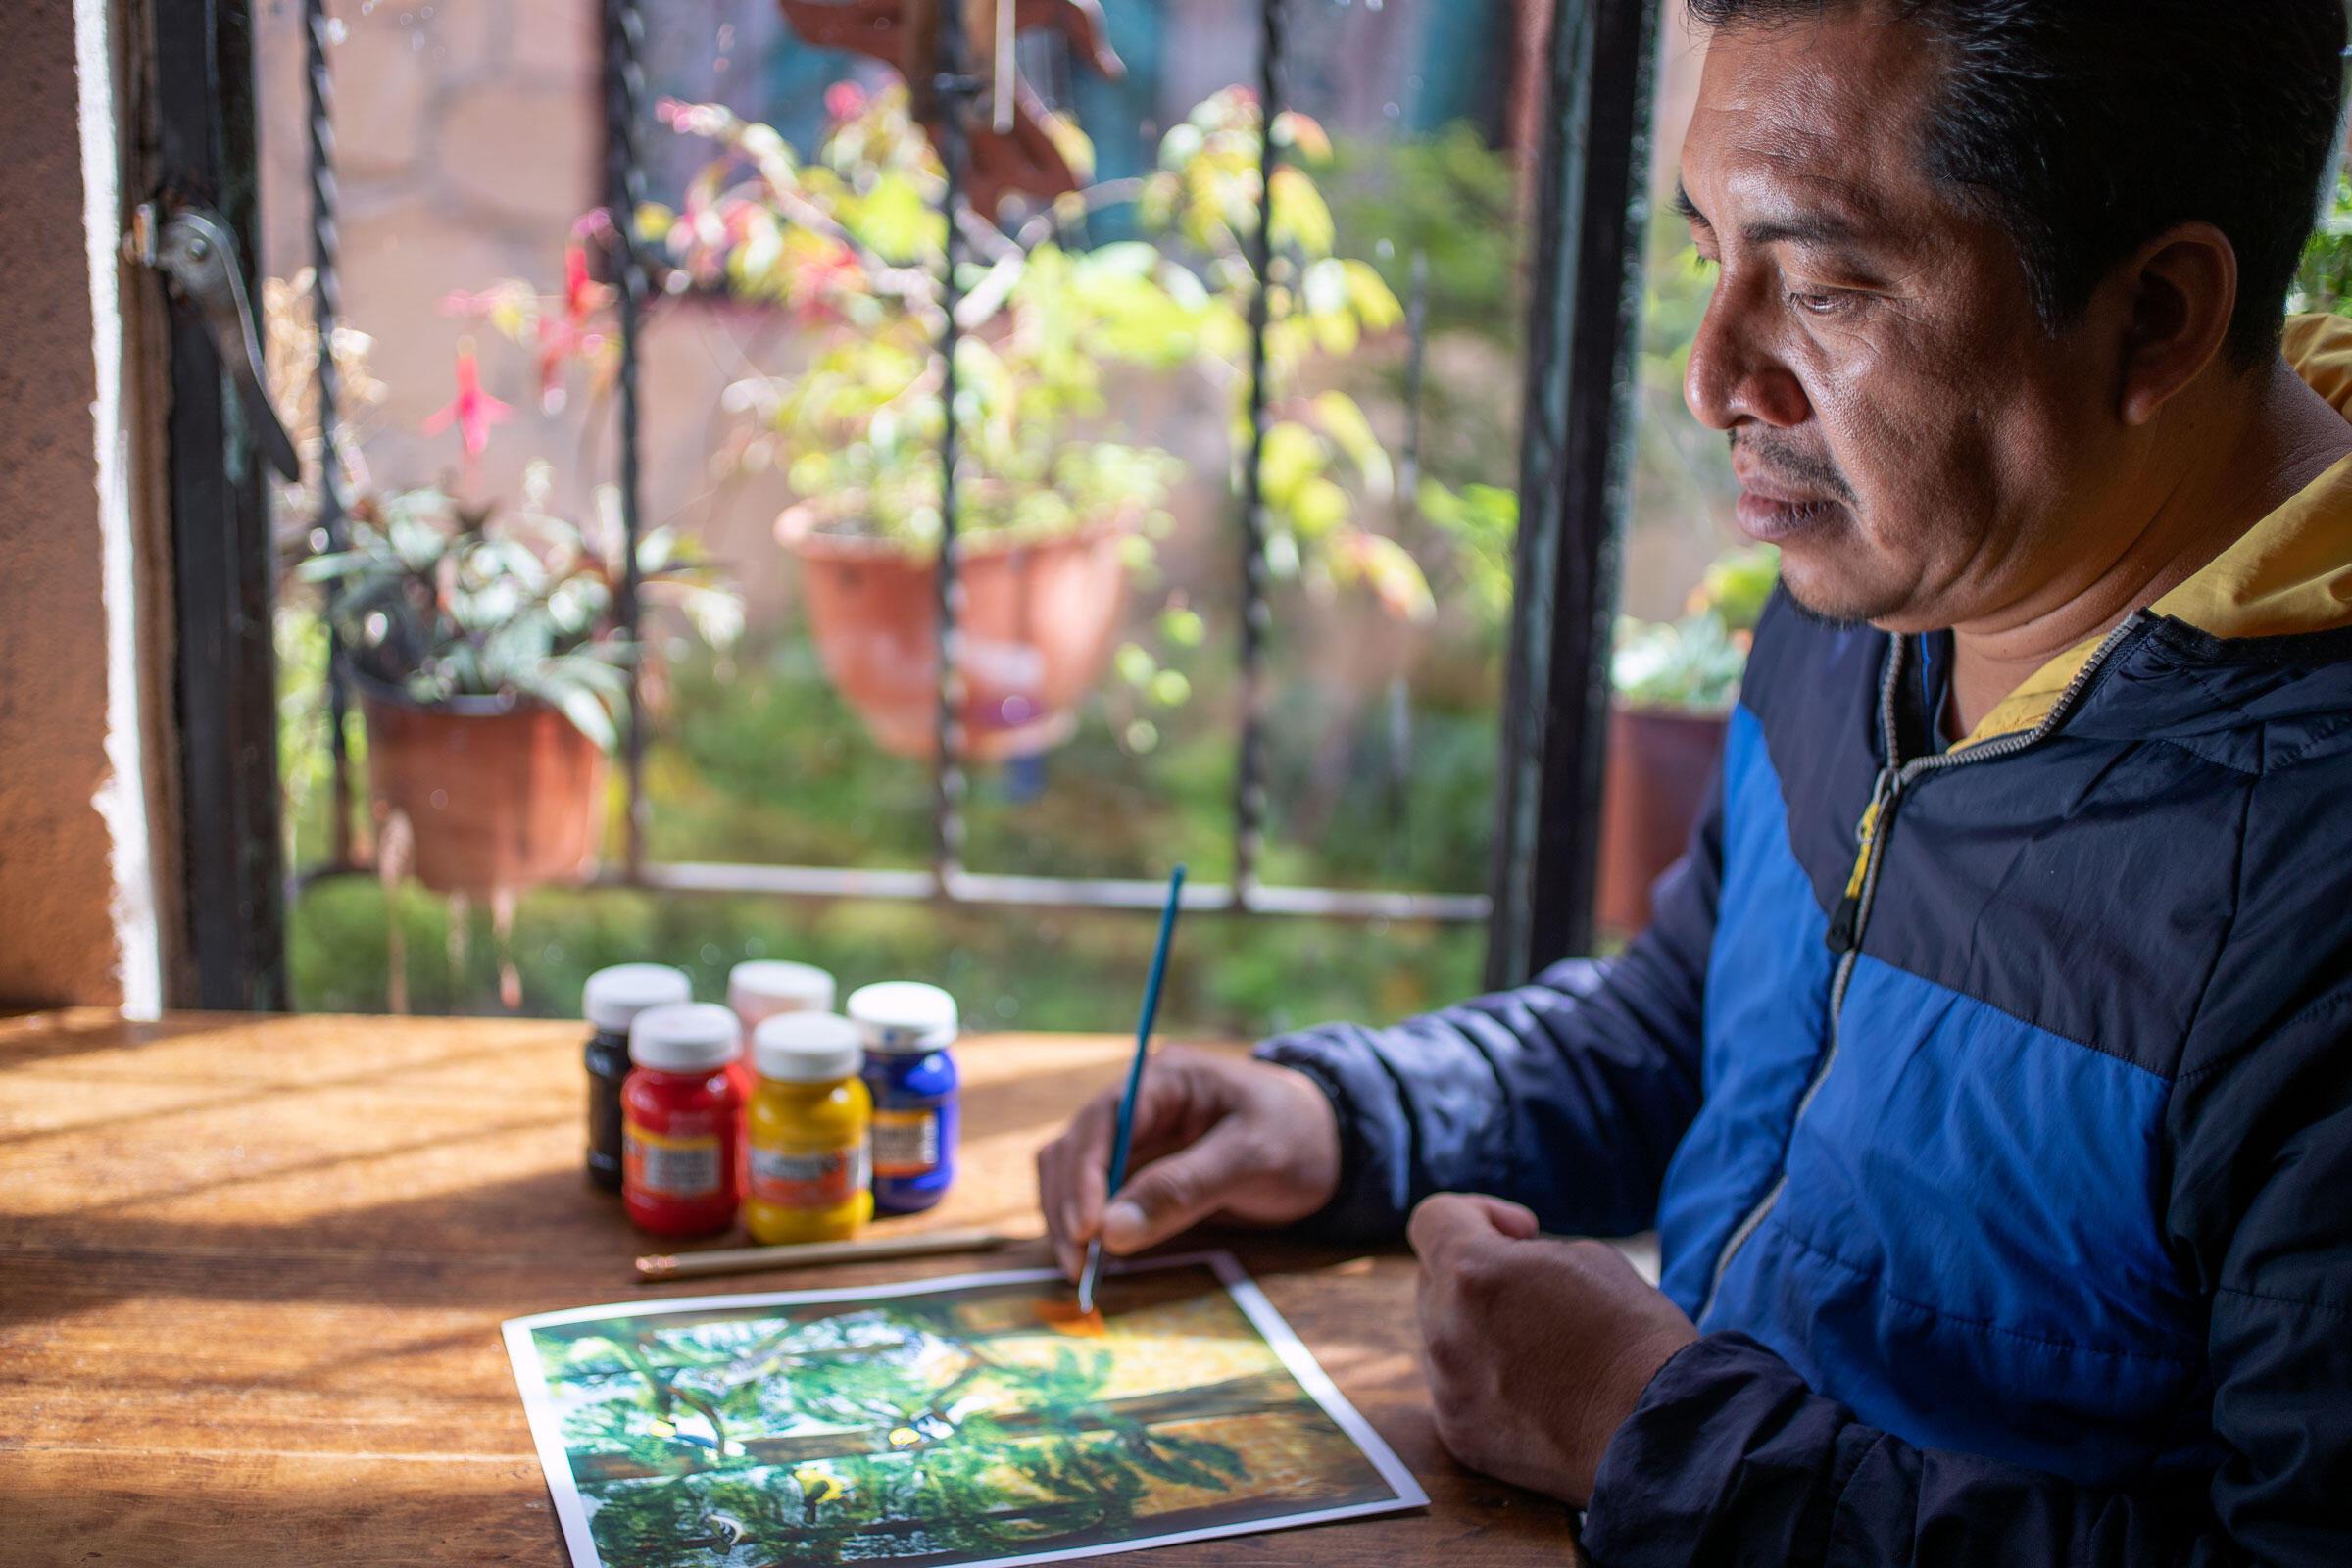 José Raúl Vázquez painting at his home in San Cristóbal de las Casas, Chiapas. Jorge Silva Rivera